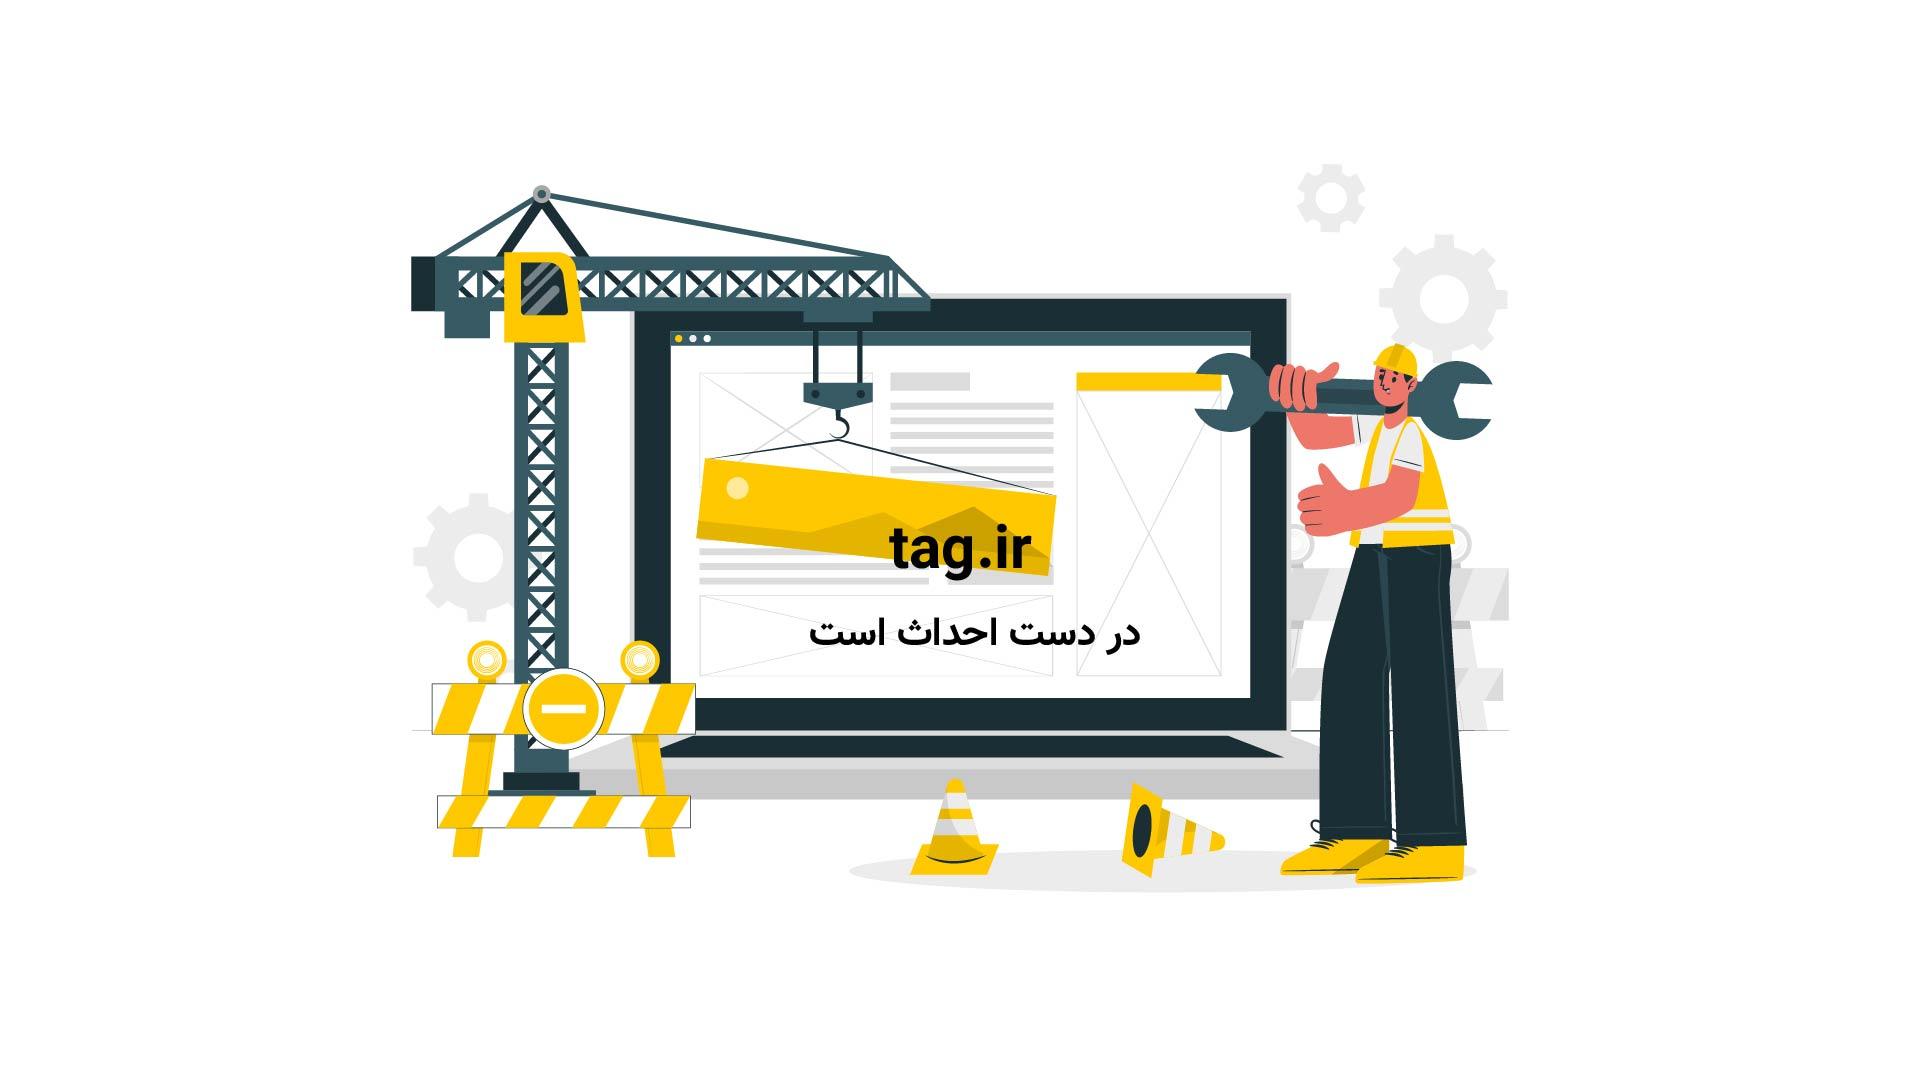 تابلو قلبی | تگ